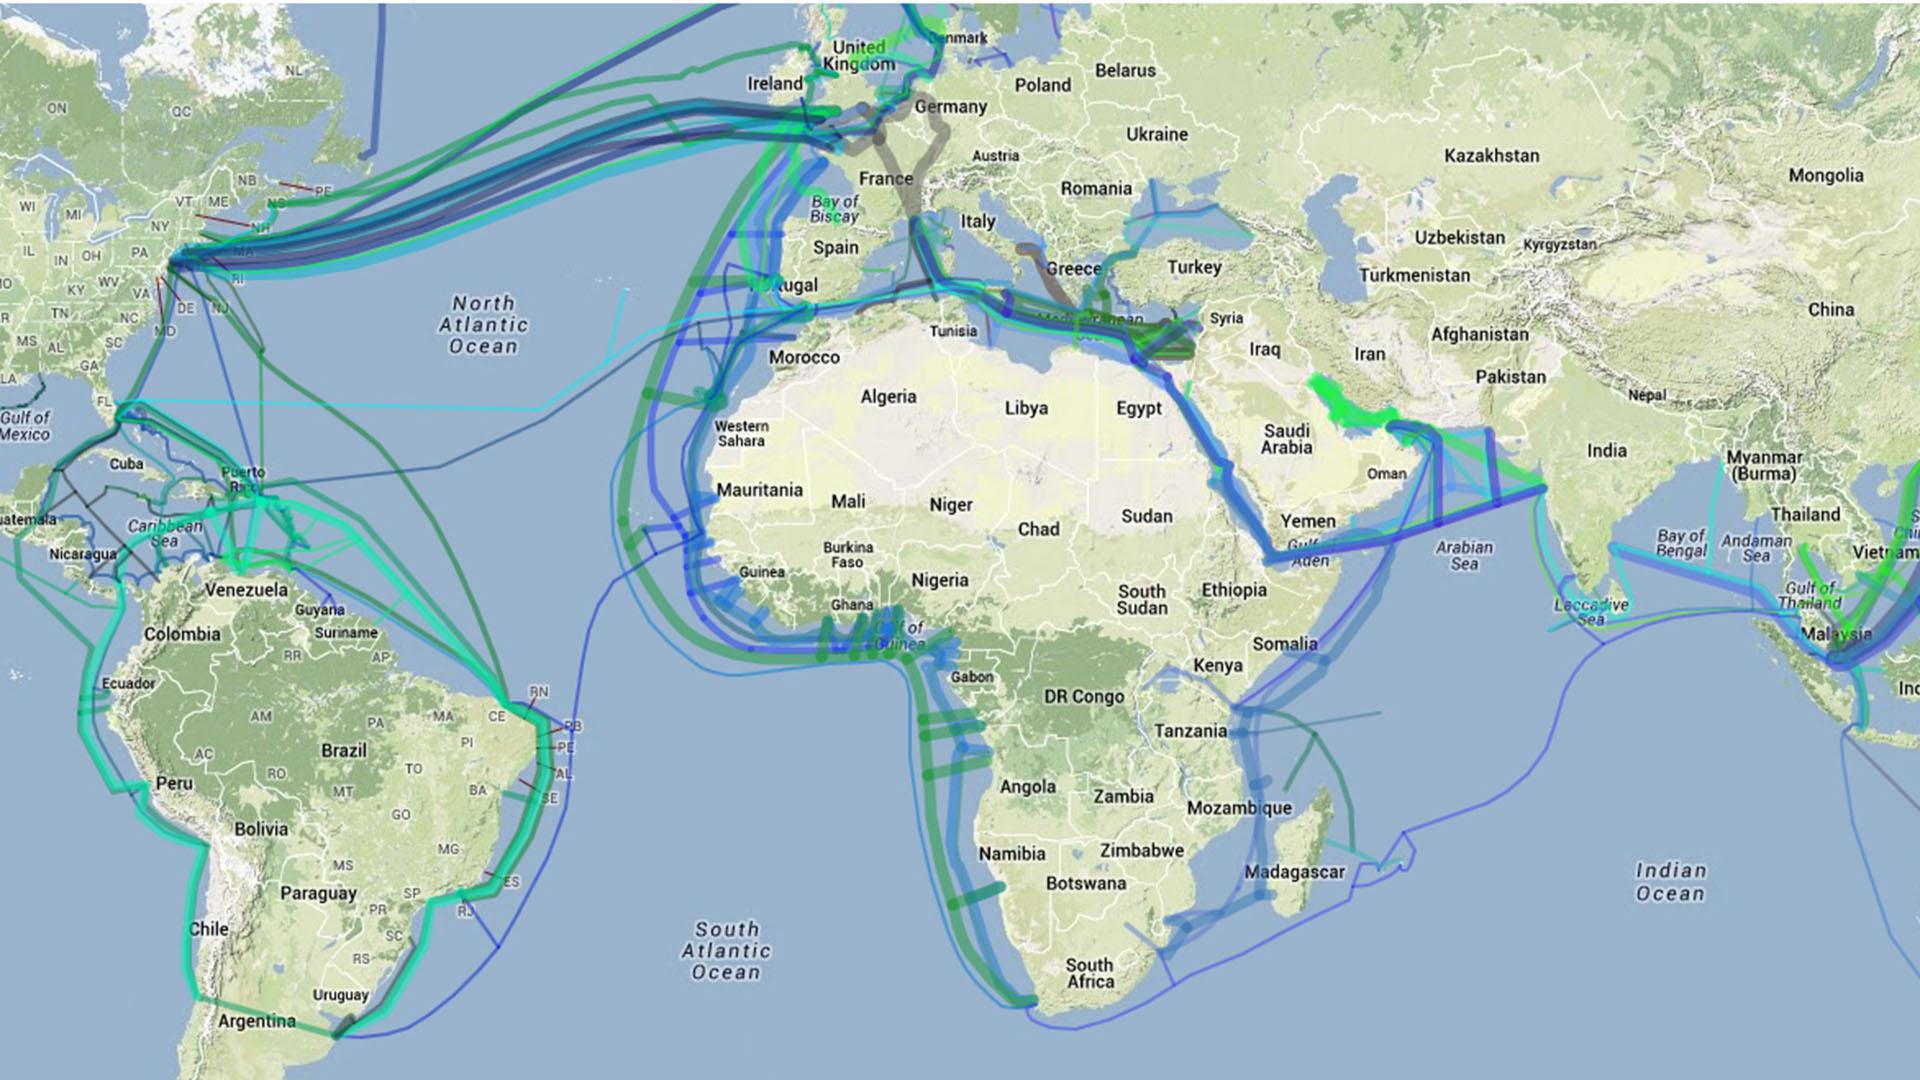 Strategisch gute Internetanbindung durch Glasfaser Seekabel mit allen Kontinenten weltweit. Durch das (MAC) Mid Atlantic Crossing schnelle Anbindung nach Lateinamerika.